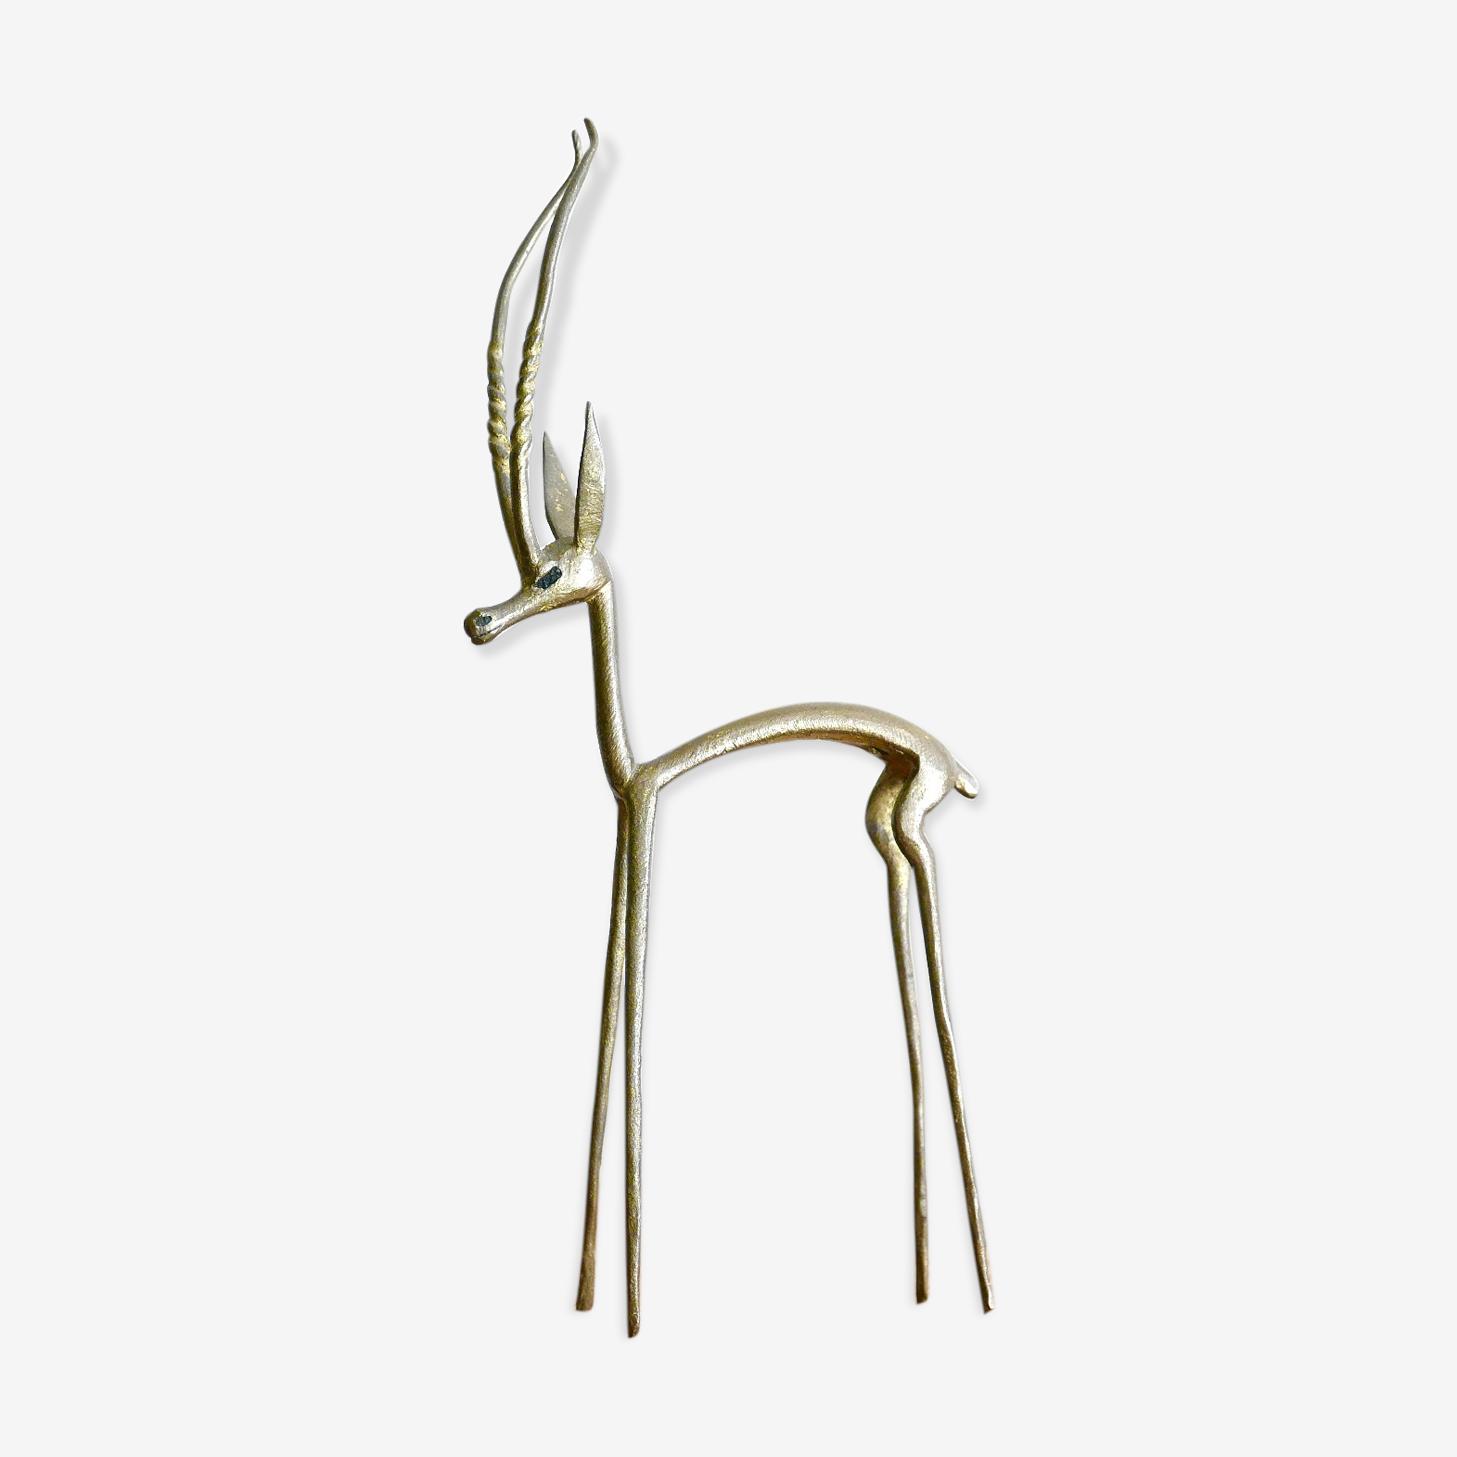 Gazelle brass, 50 years